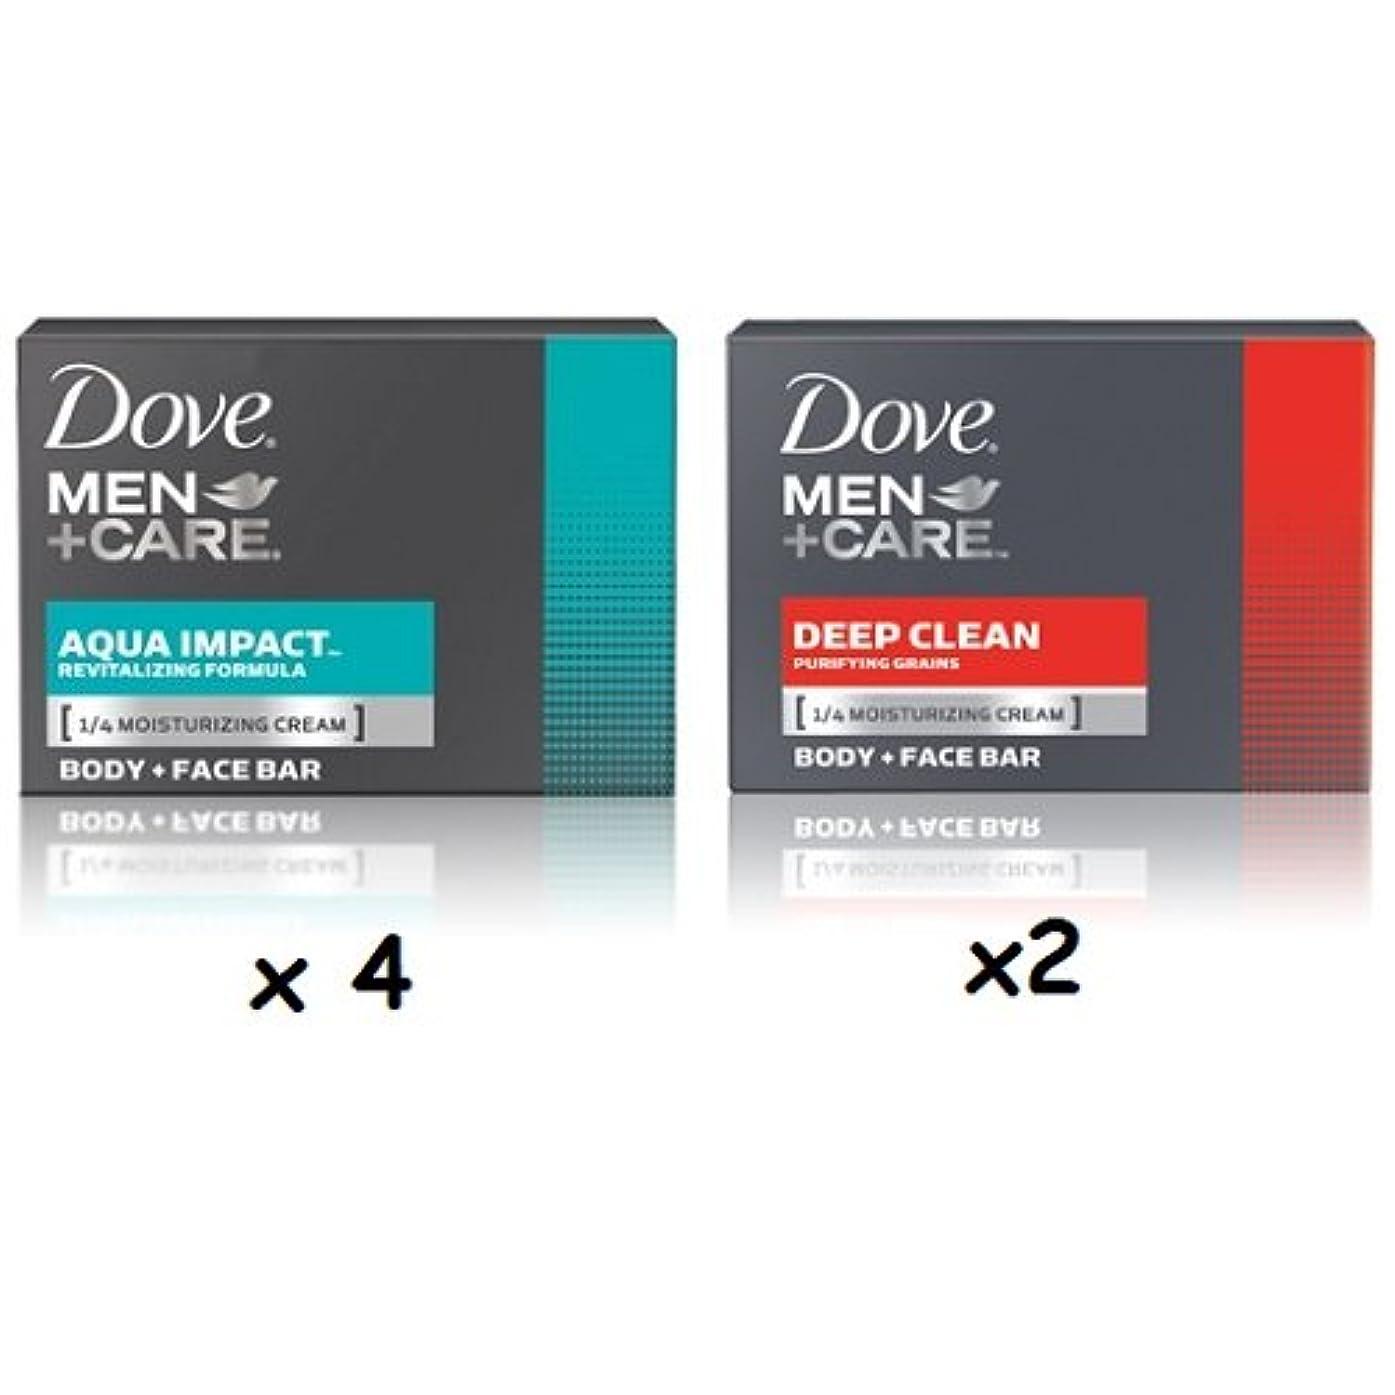 赤道細胞ピルファー【6個セット】Dove MEN+CARE Body&Face Bar Soap (4ozx6) ダヴ メンズプラスケア 体&顔用の固形石鹸(113gx6)(Deep Clean 4個とAqua Impact2個 合計6個...